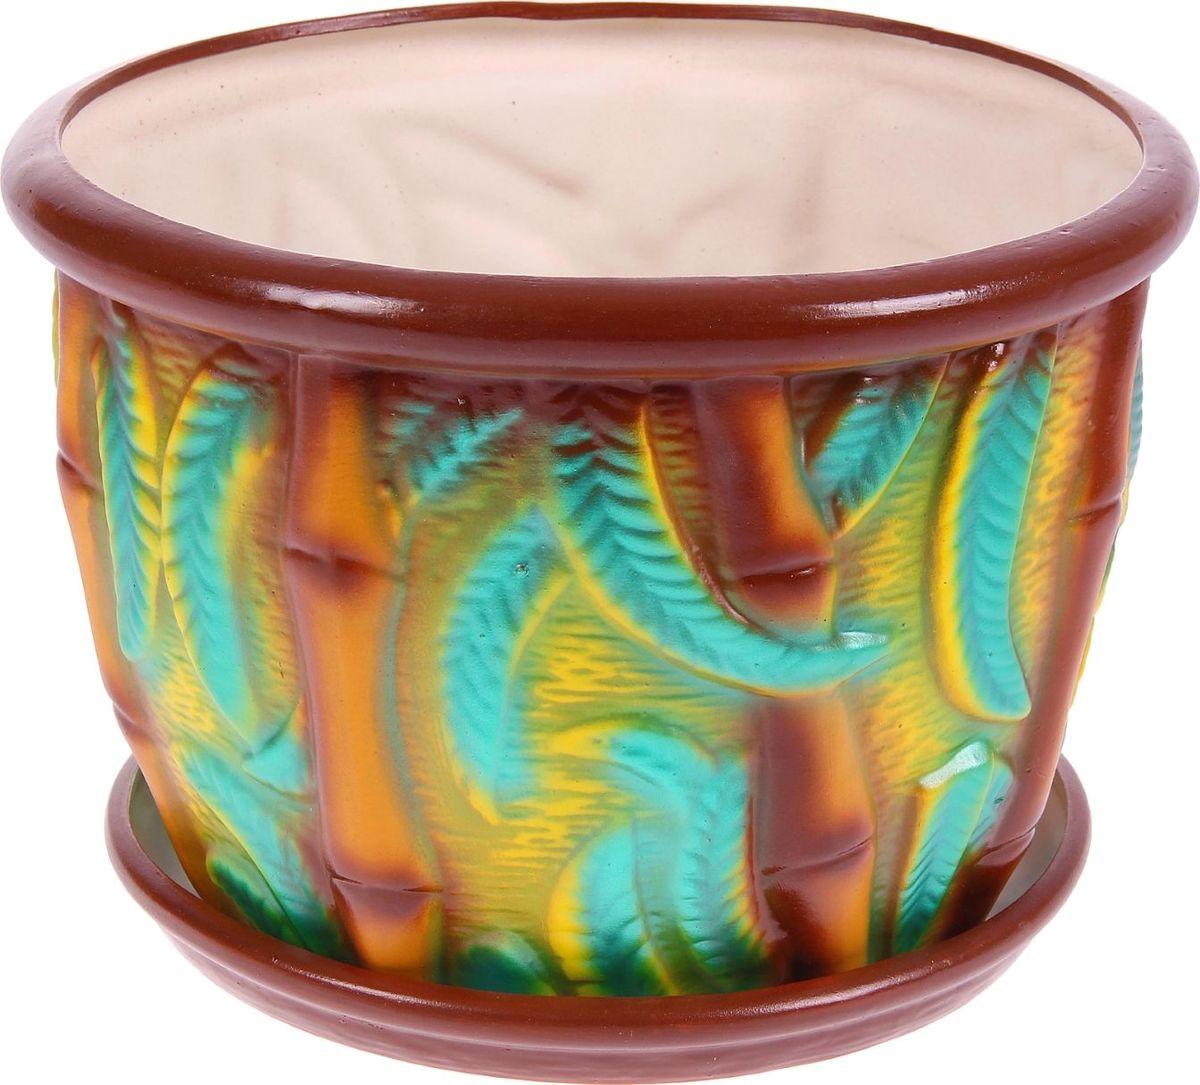 Кашпо Керамика ручной работы Бамбук, 11 л1114241Комнатные растения — всеобщие любимцы. Они радуют глаз, насыщают помещение кислородом и украшают пространство. Каждому из них необходим свой удобный и красивый дом. Кашпо из керамики прекрасно подходят для высадки растений: за счёт пластичности глины и разных способов обработки существует великое множество форм и дизайновпористый материал позволяет испаряться лишней влагевоздух, необходимый для дыхания корней, проникает сквозь керамические стенки! #name# позаботится о зелёном питомце, освежит интерьер и подчеркнёт его стиль.